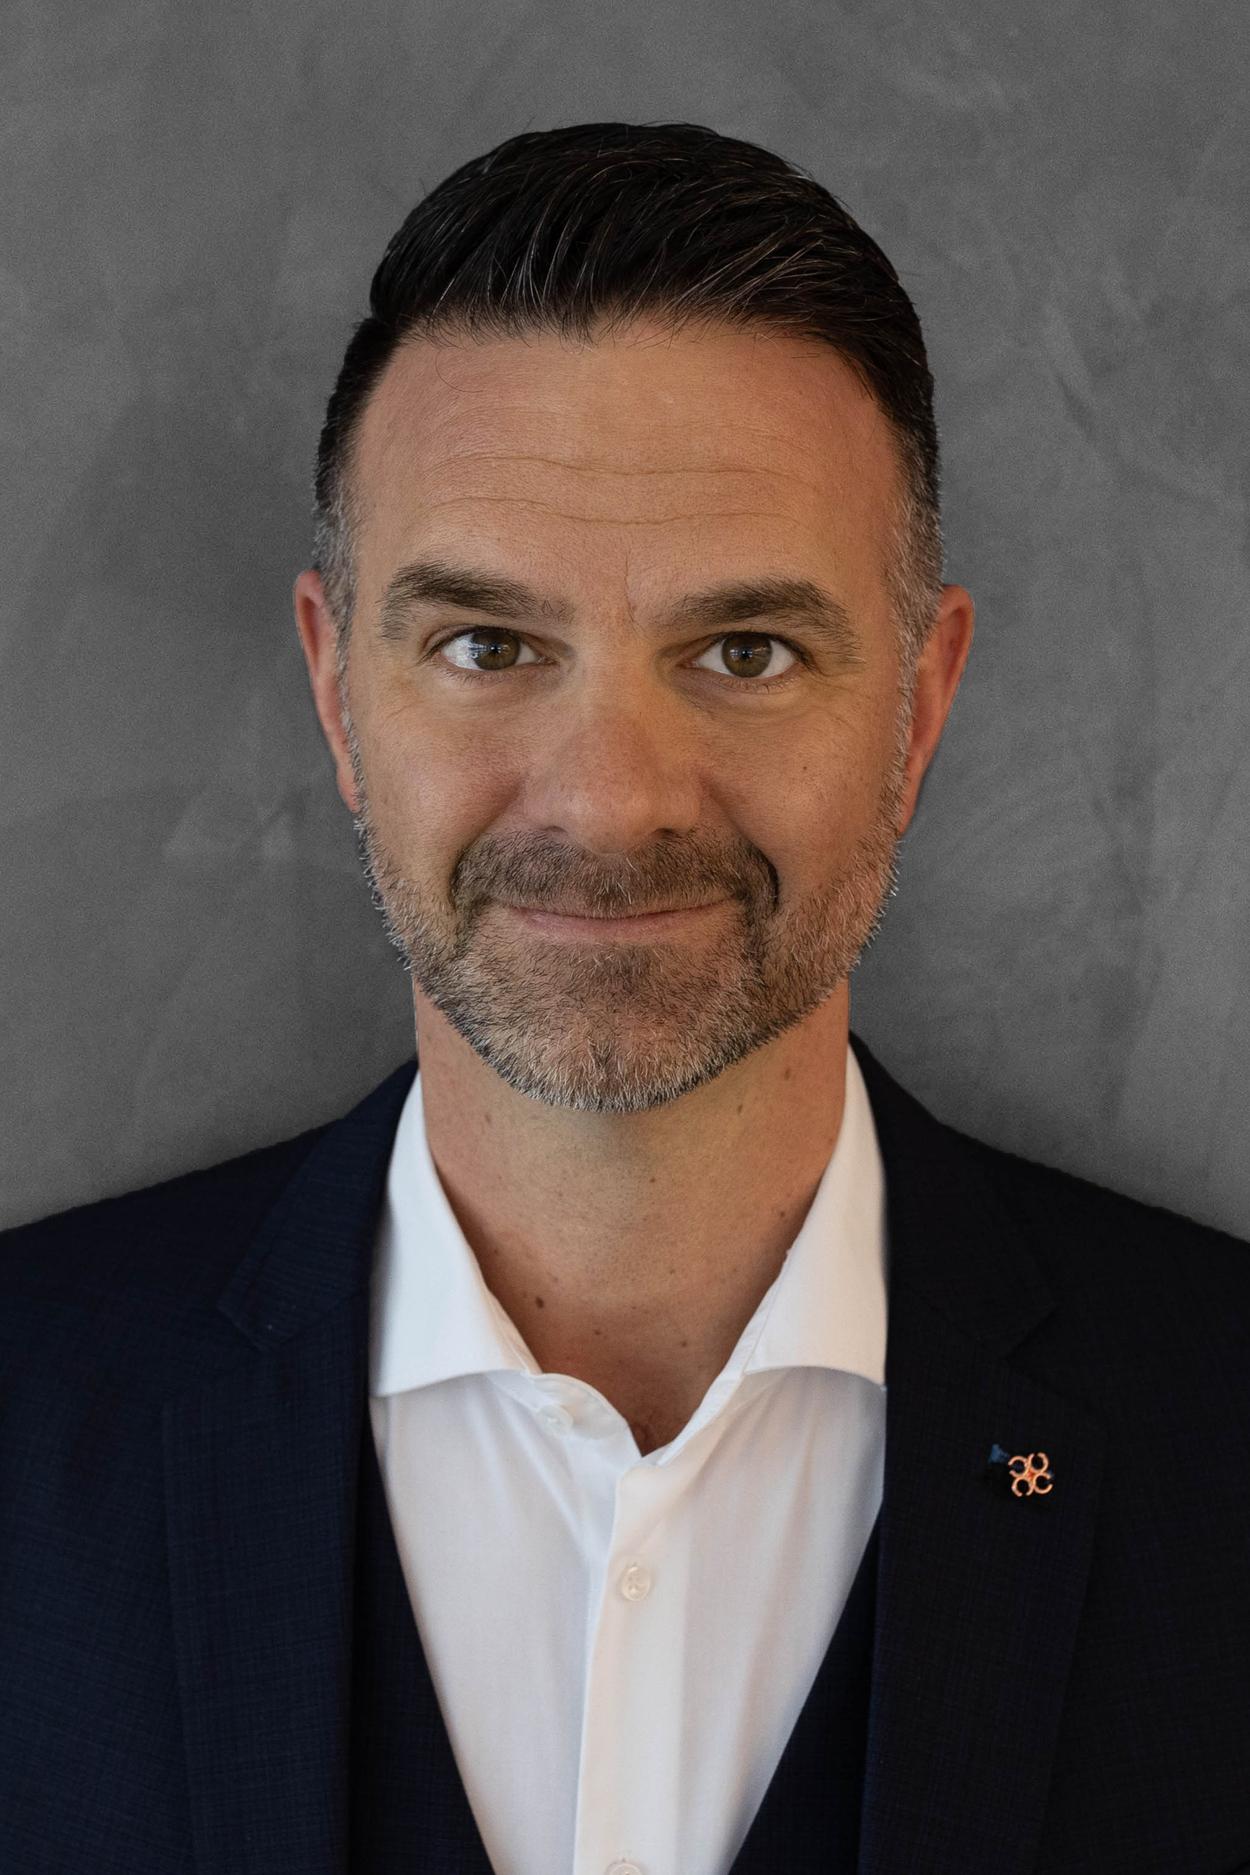 David Vogelsberger